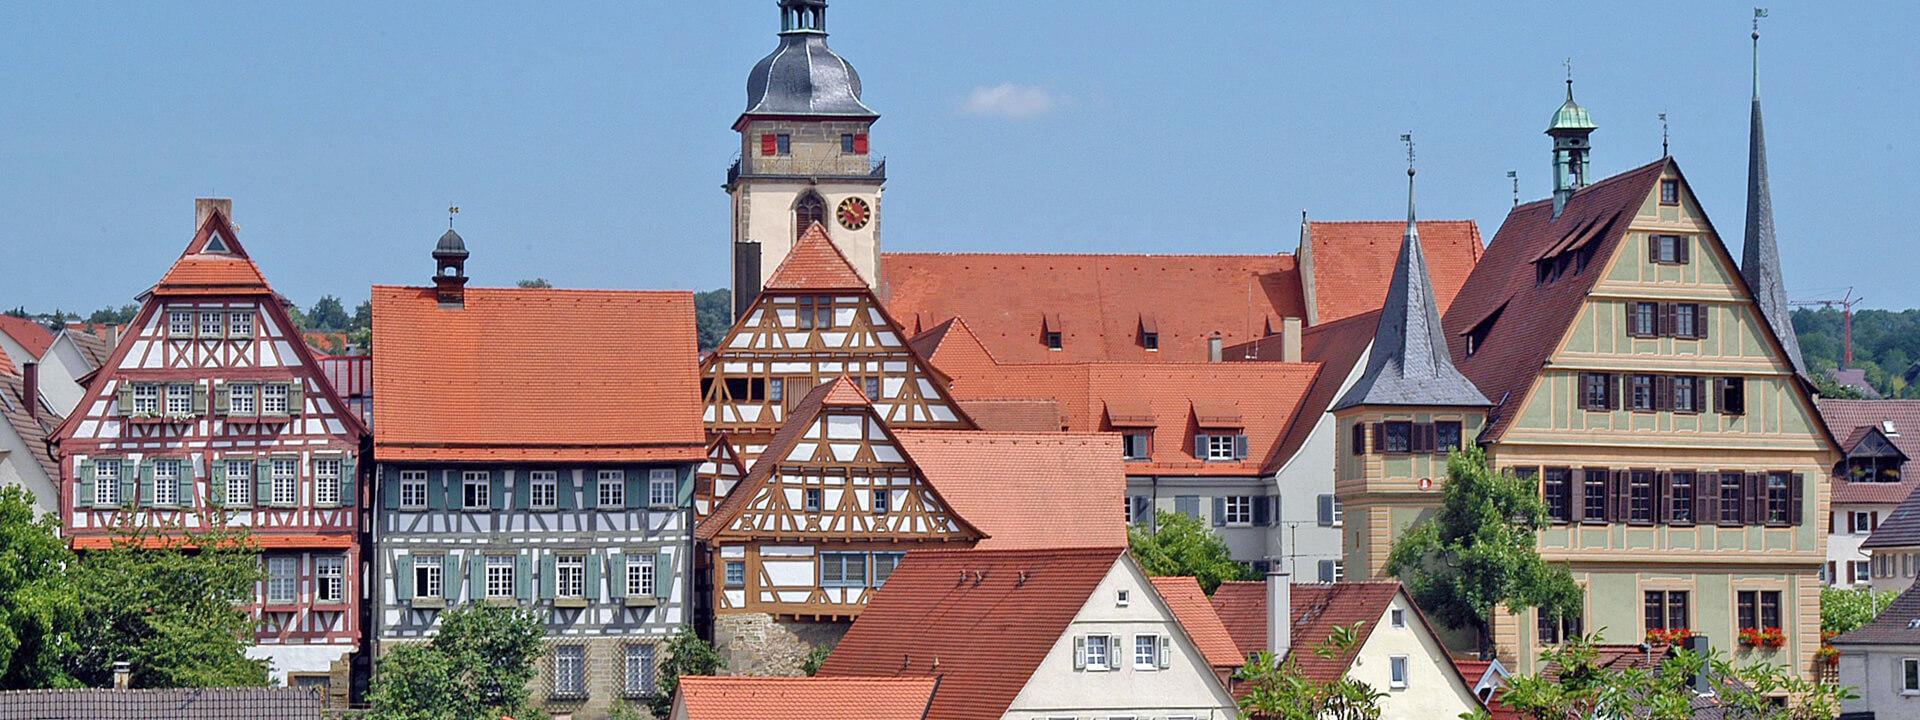 stadt-und-tourismus-01.jpg